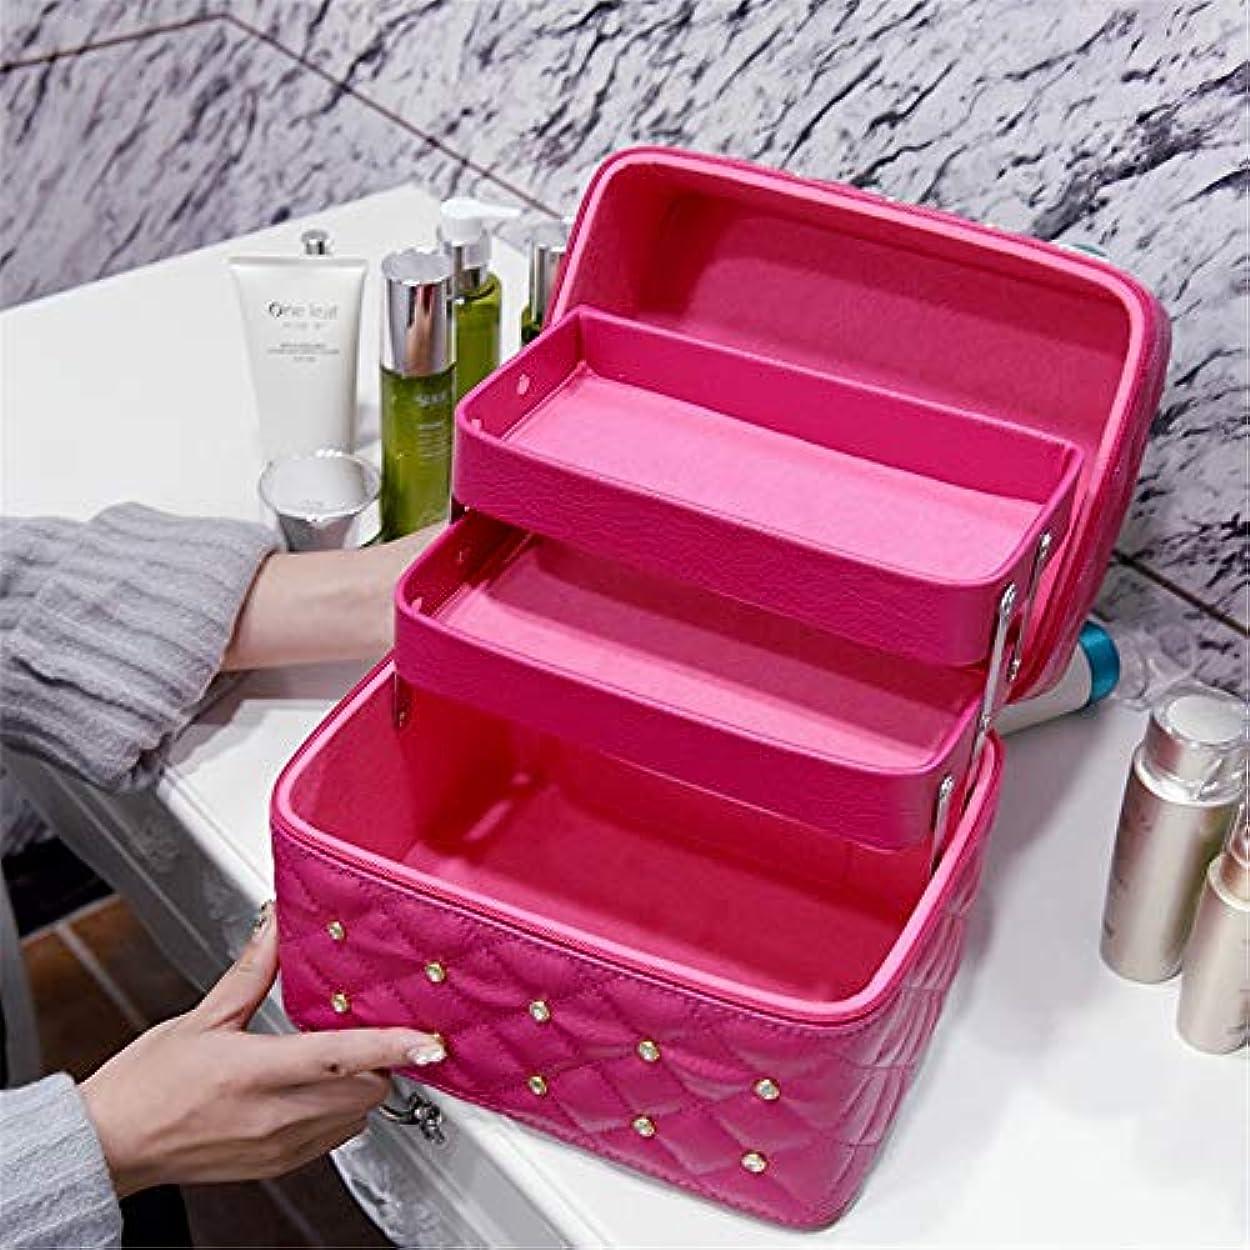 それる半円ダニ化粧オーガナイザーバッグ メイクアップトラベルバッグPUレター防水化粧ケースティーン女の子の女性のアーティストのための 化粧品ケース